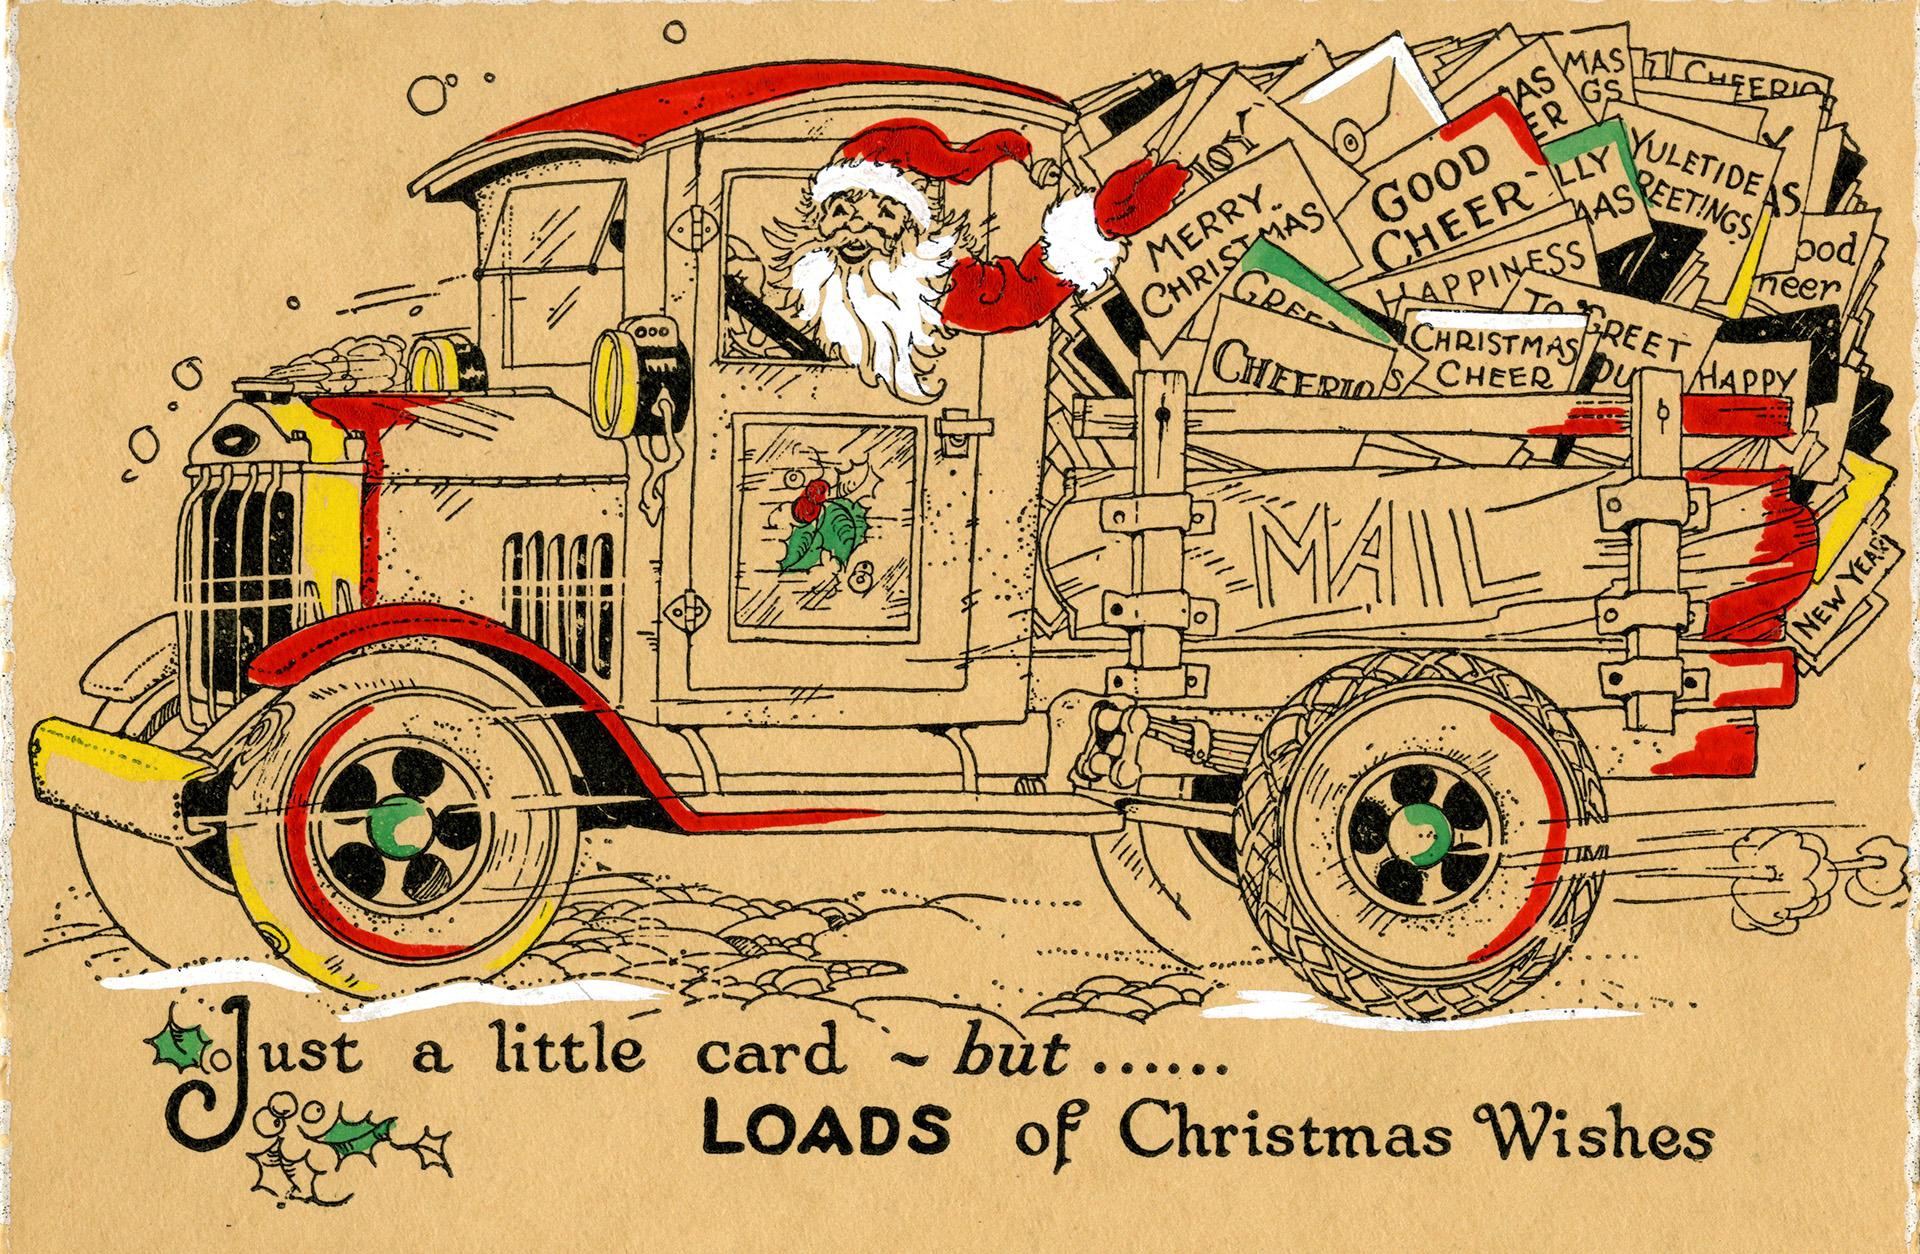 1925 Hallmark Christmas card. (Courtesy of the Hallmark Archives, Hallmark Cards, Inc., Kansas City, Missouri, USA )